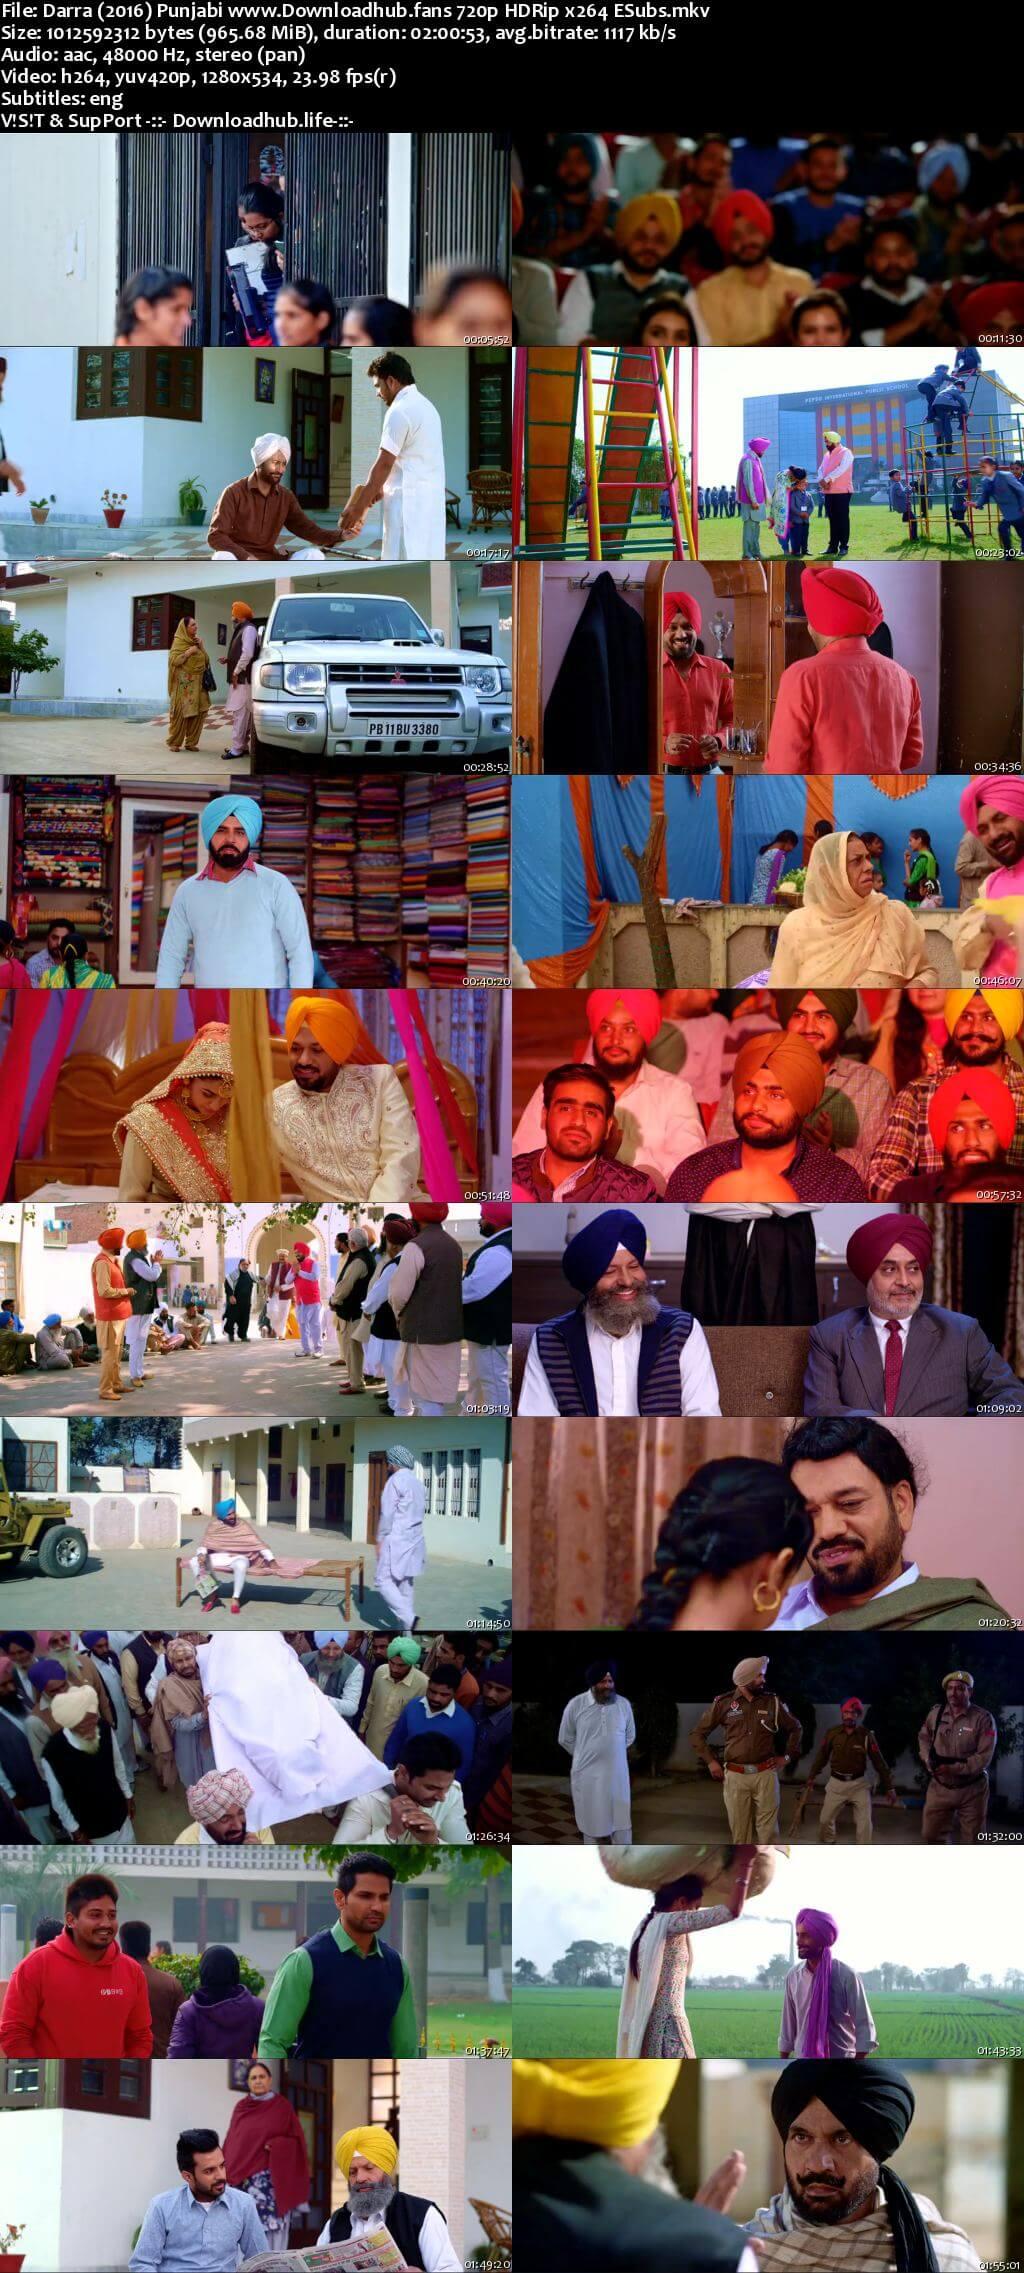 Darra 2016 Punjabi 720p HDRip ESubs